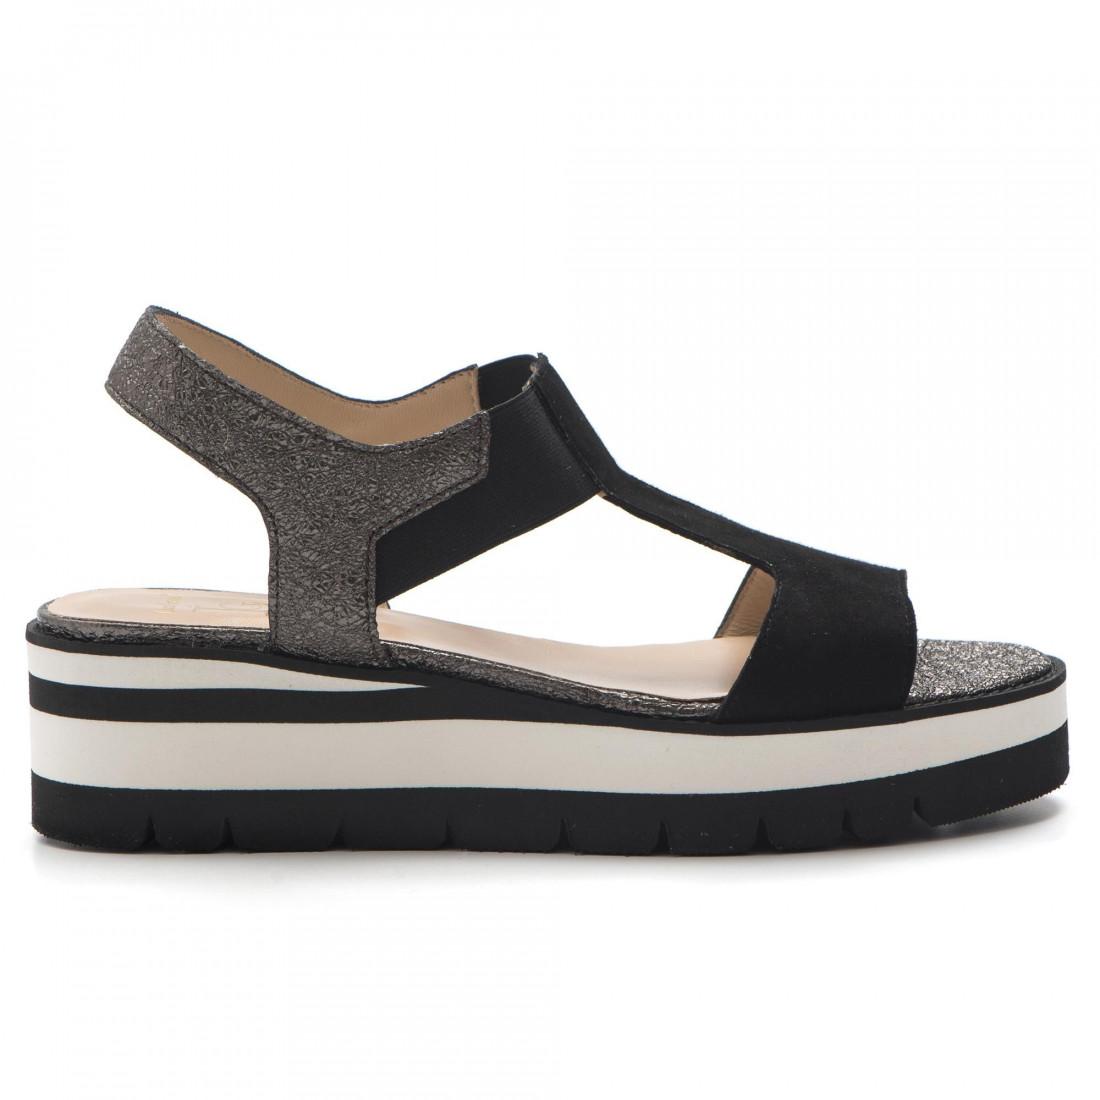 best sneakers 2e33f 36805 Sandalo nero e grigio con zeppa bassa